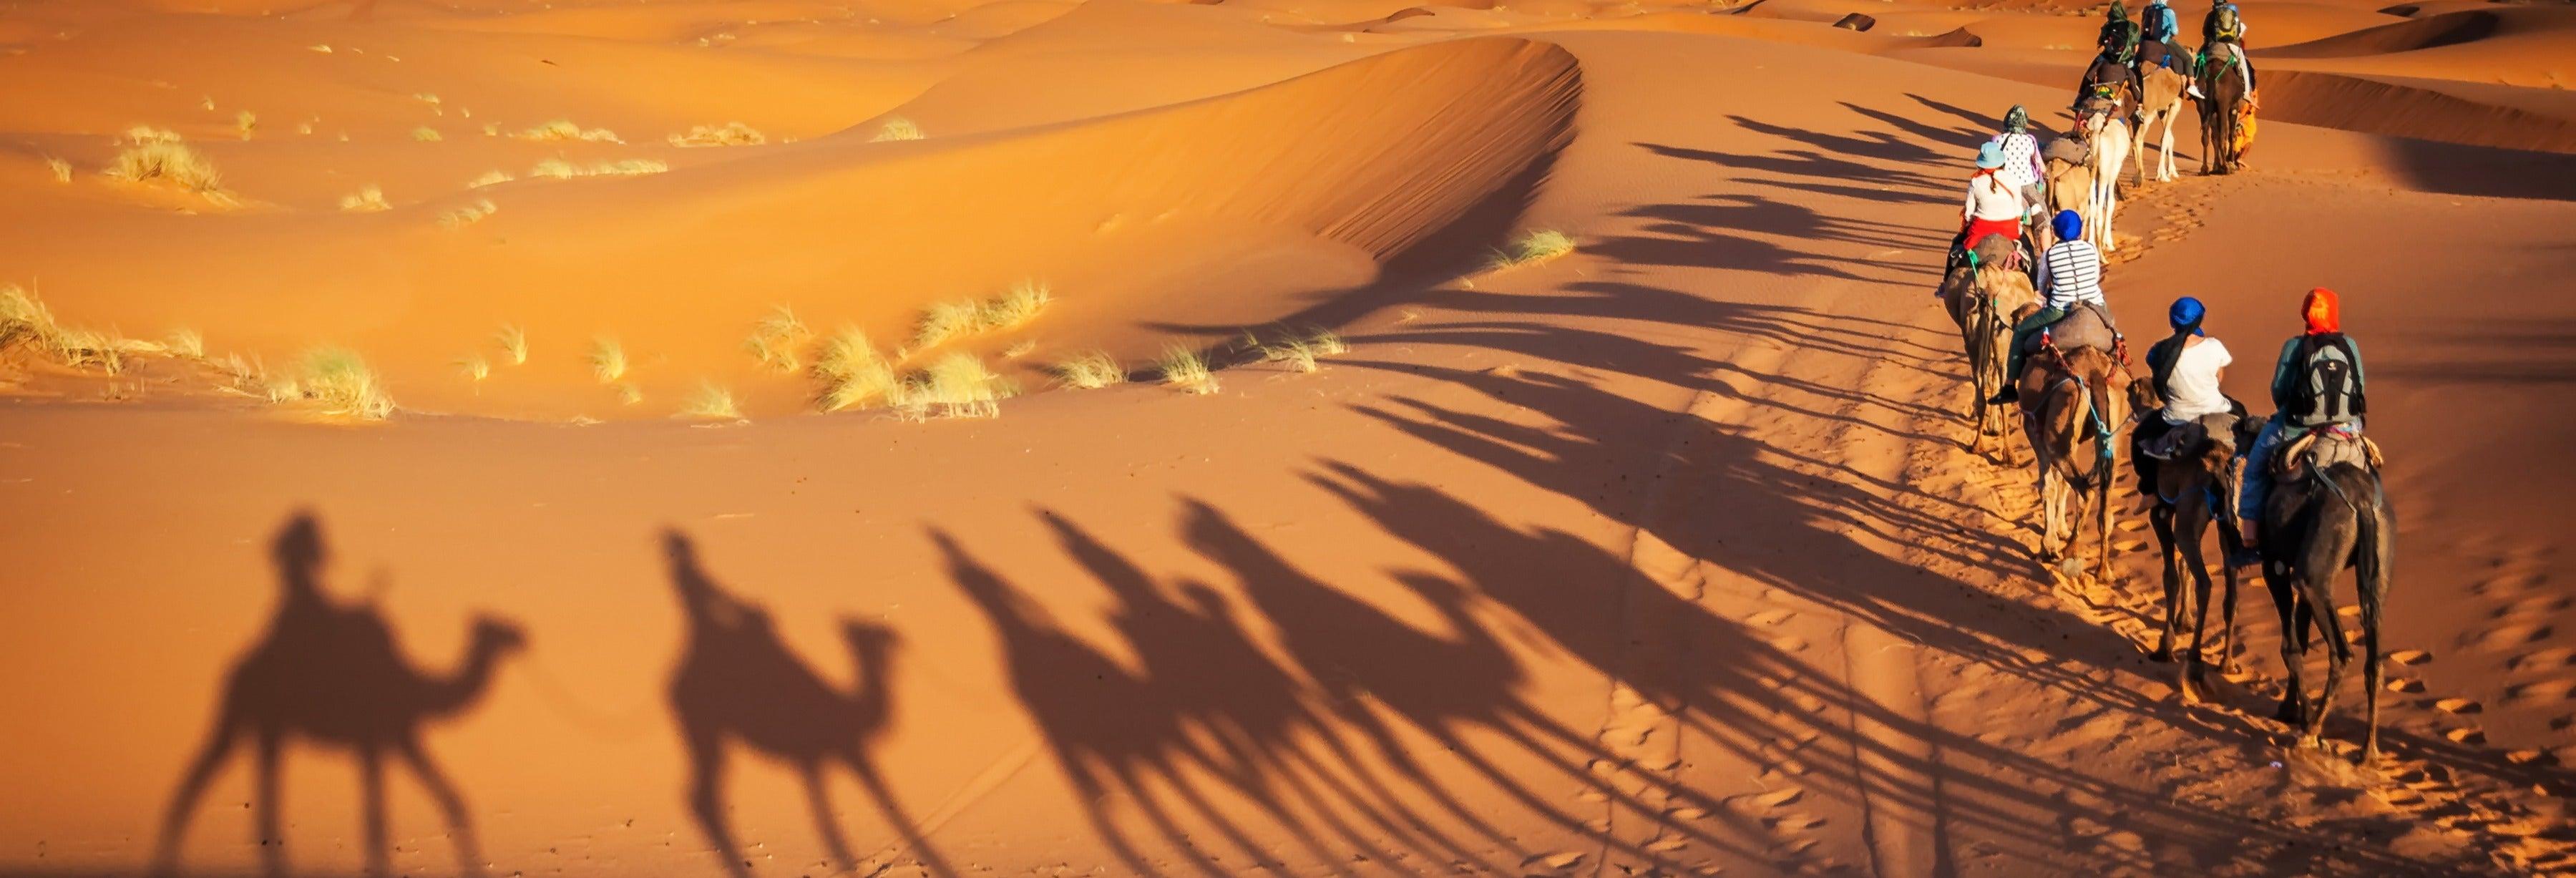 Excursion de 2 jours dans le désert de Merzouga jusqu'à Marrakech